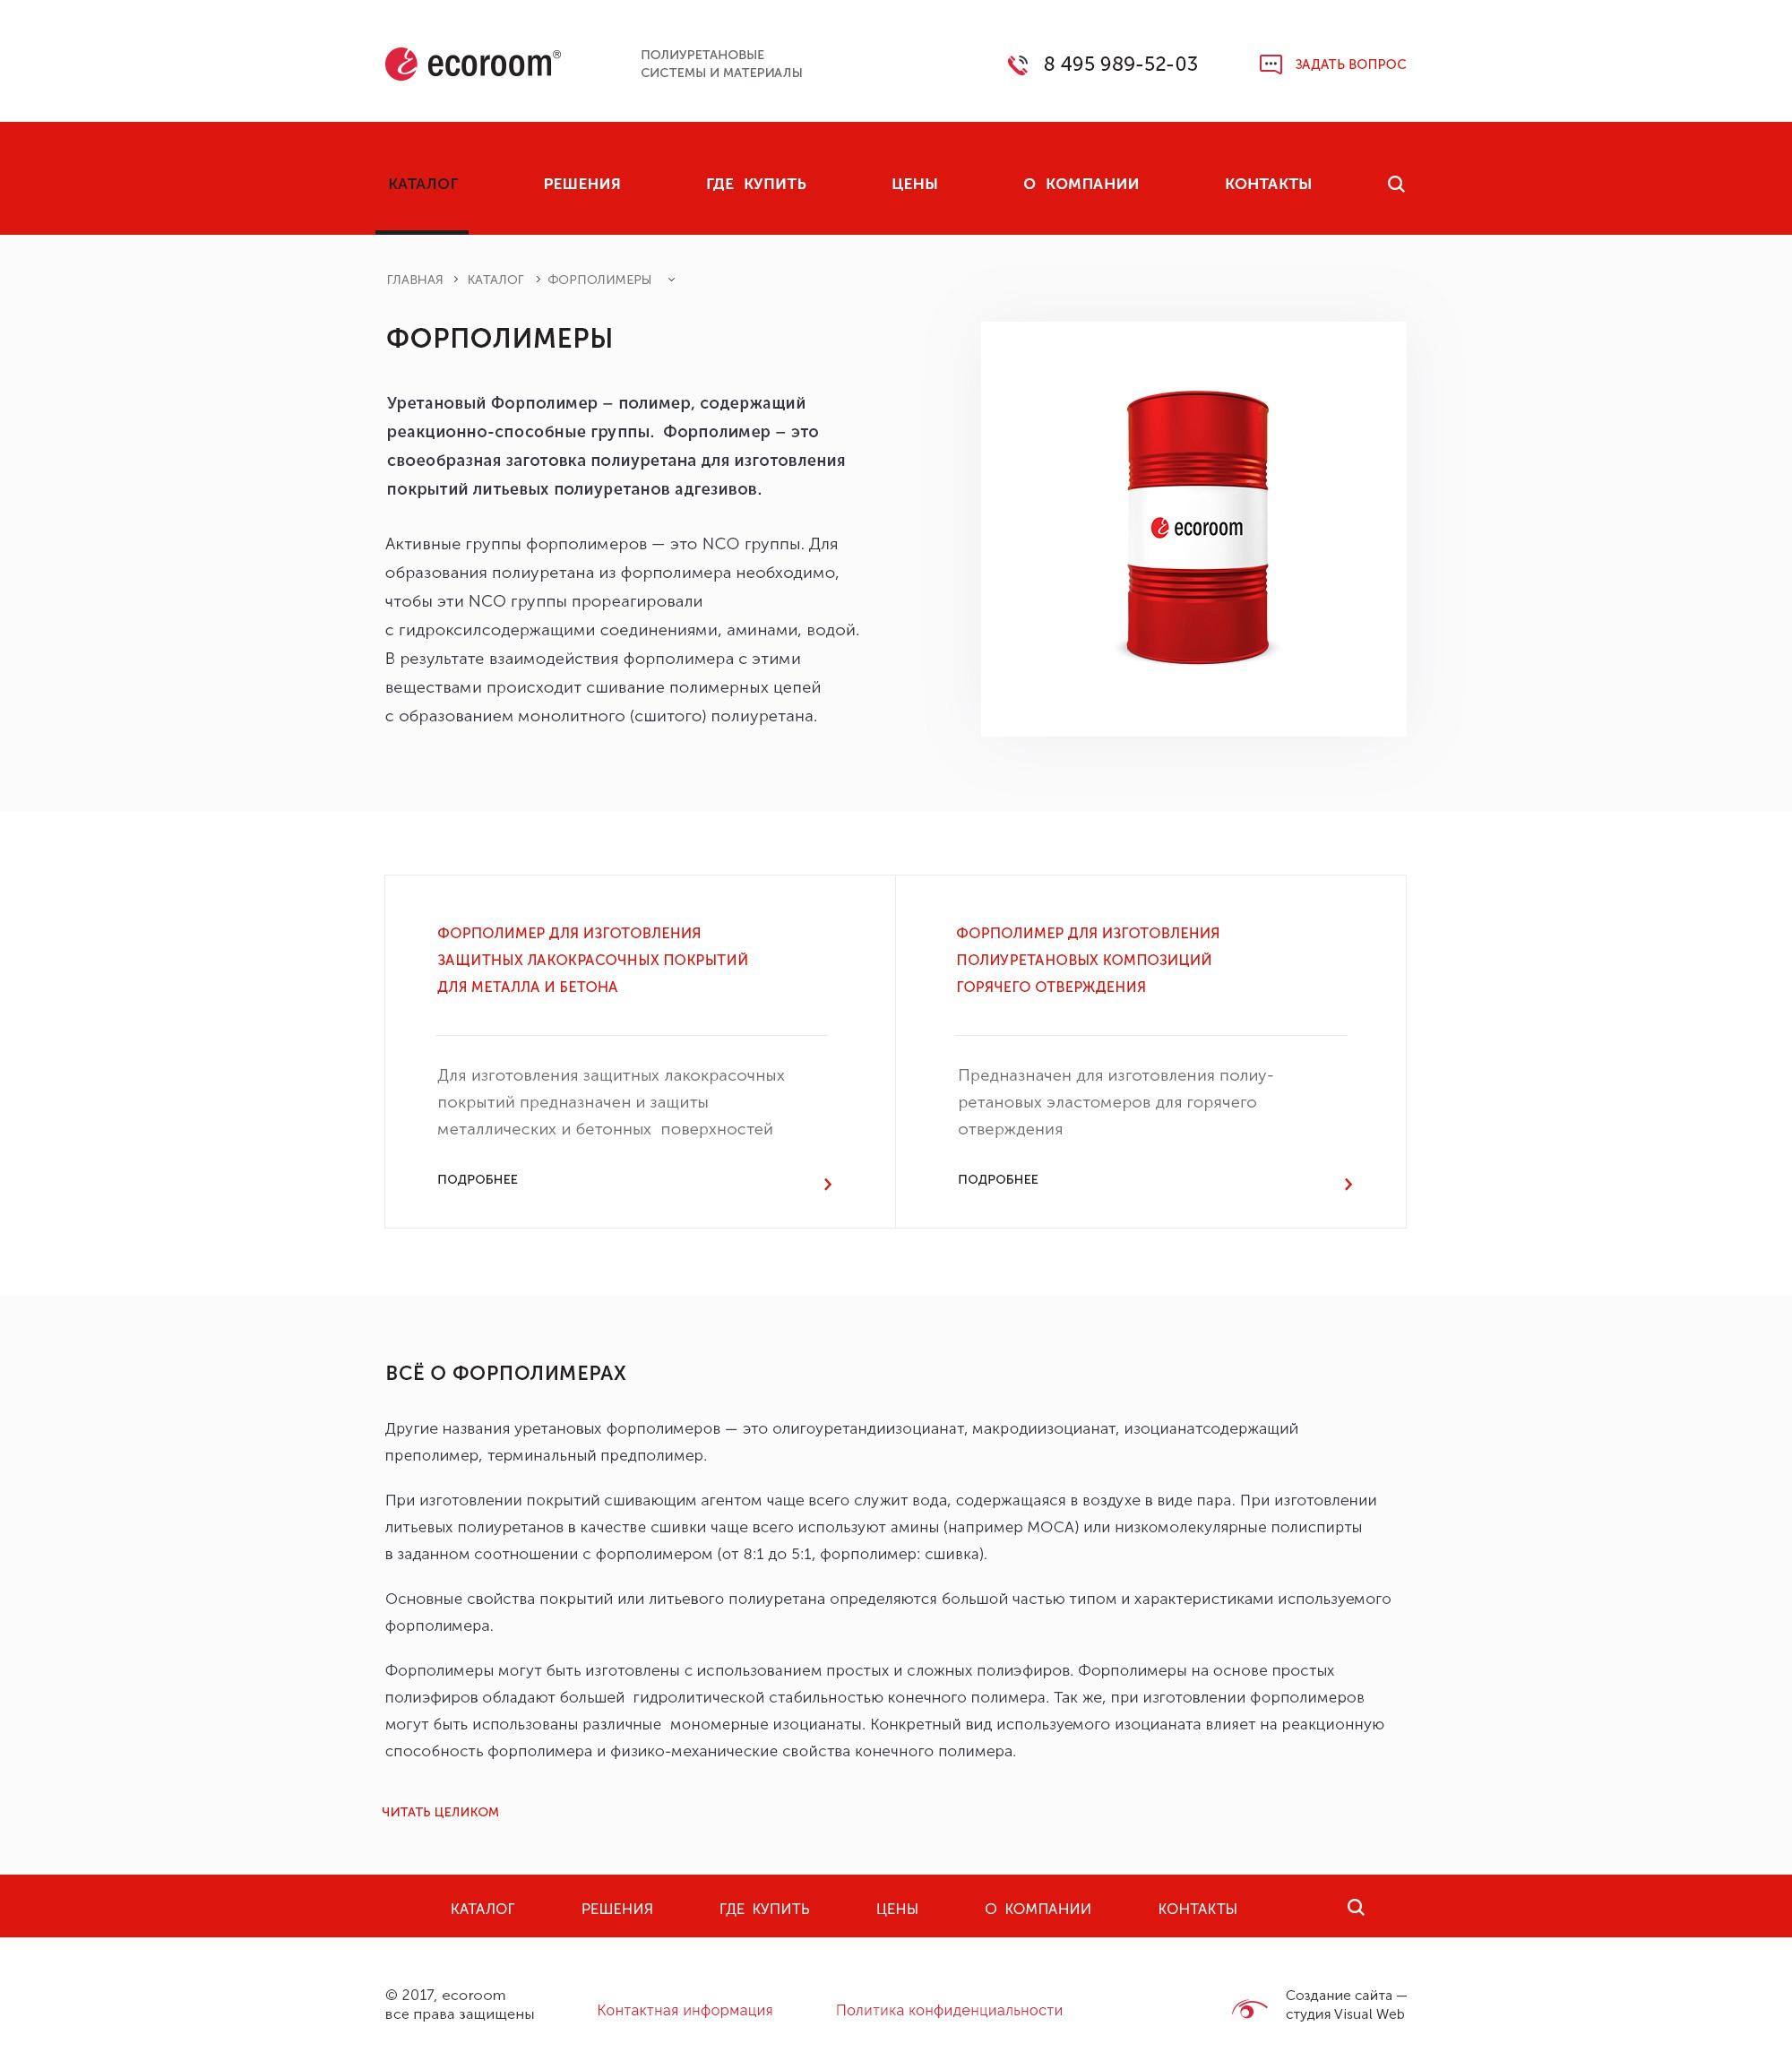 Создание сайта производителя строительных материалов Ecoroom